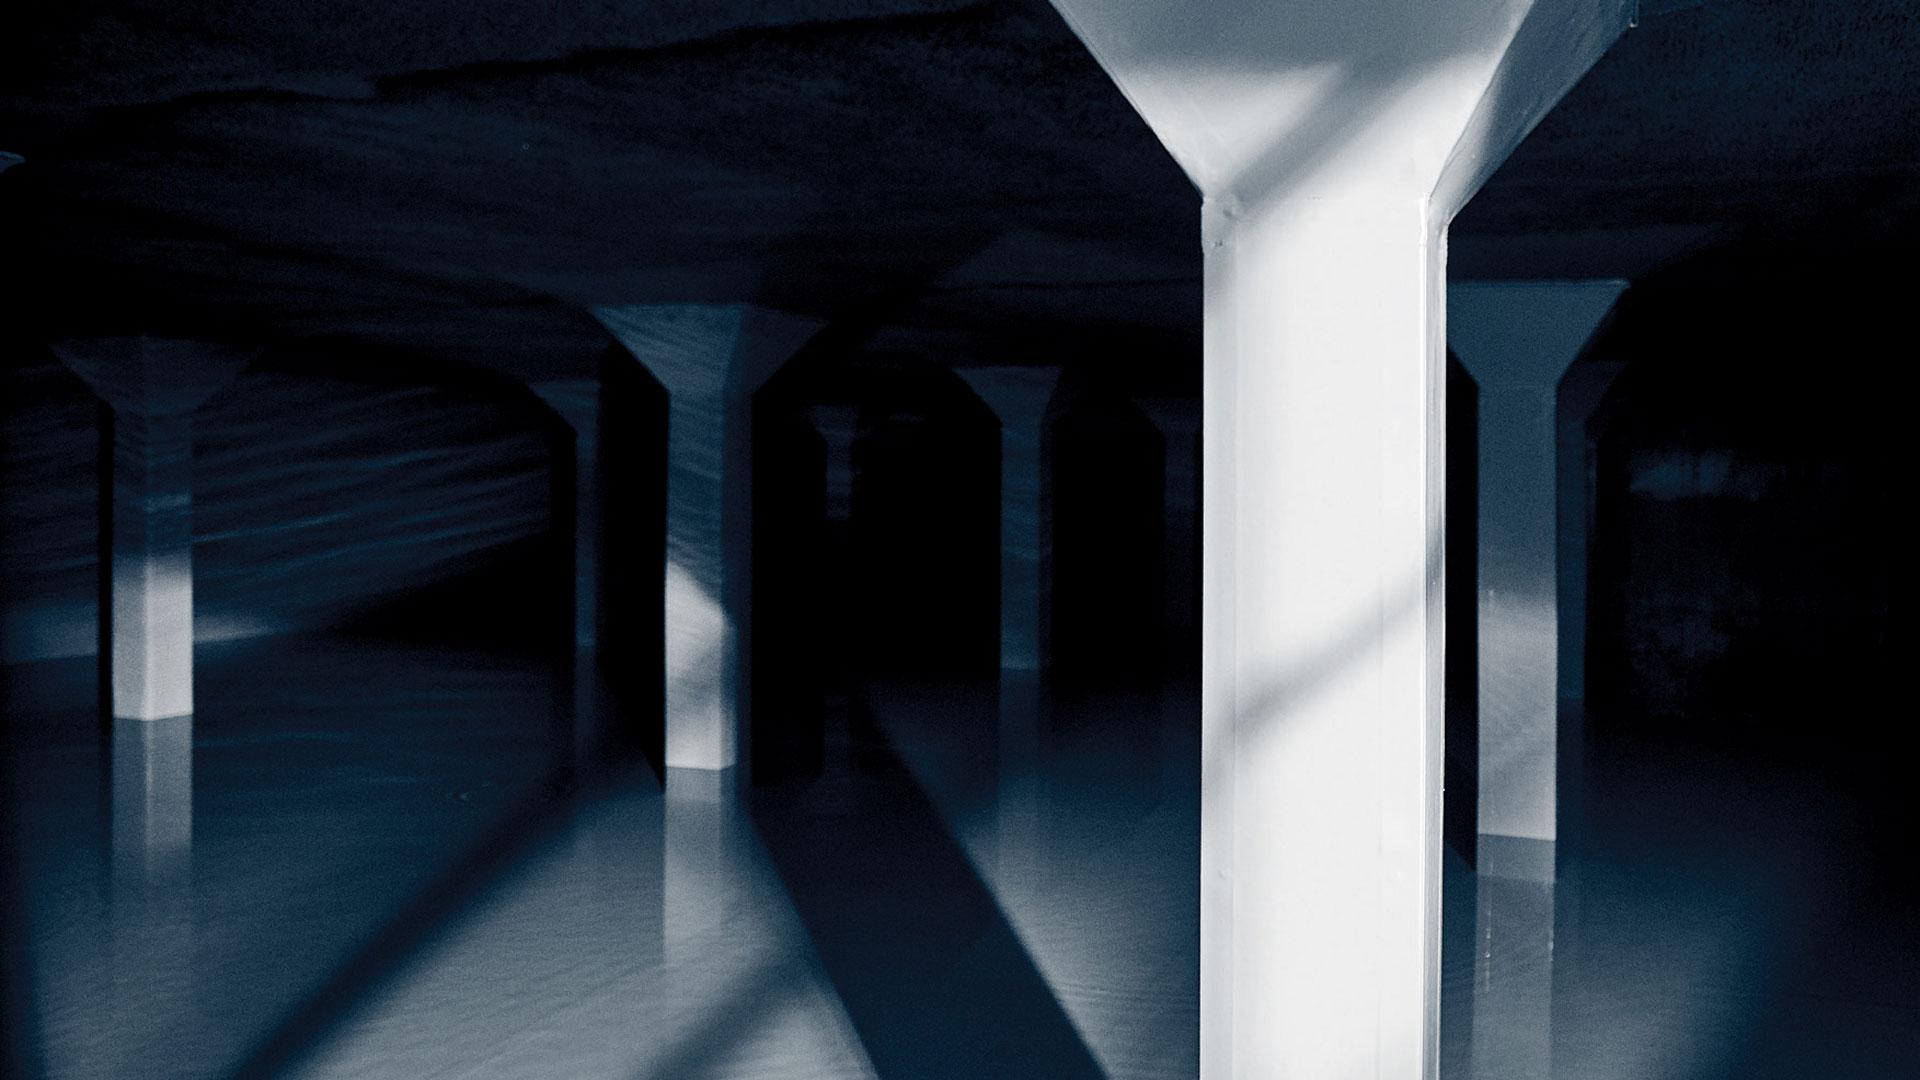 Hochbehälter von innen fotografiert. Das Bild ist sehr dunkel mit vielen Schatten und es ist Wasser im Hochbehälter enthalten